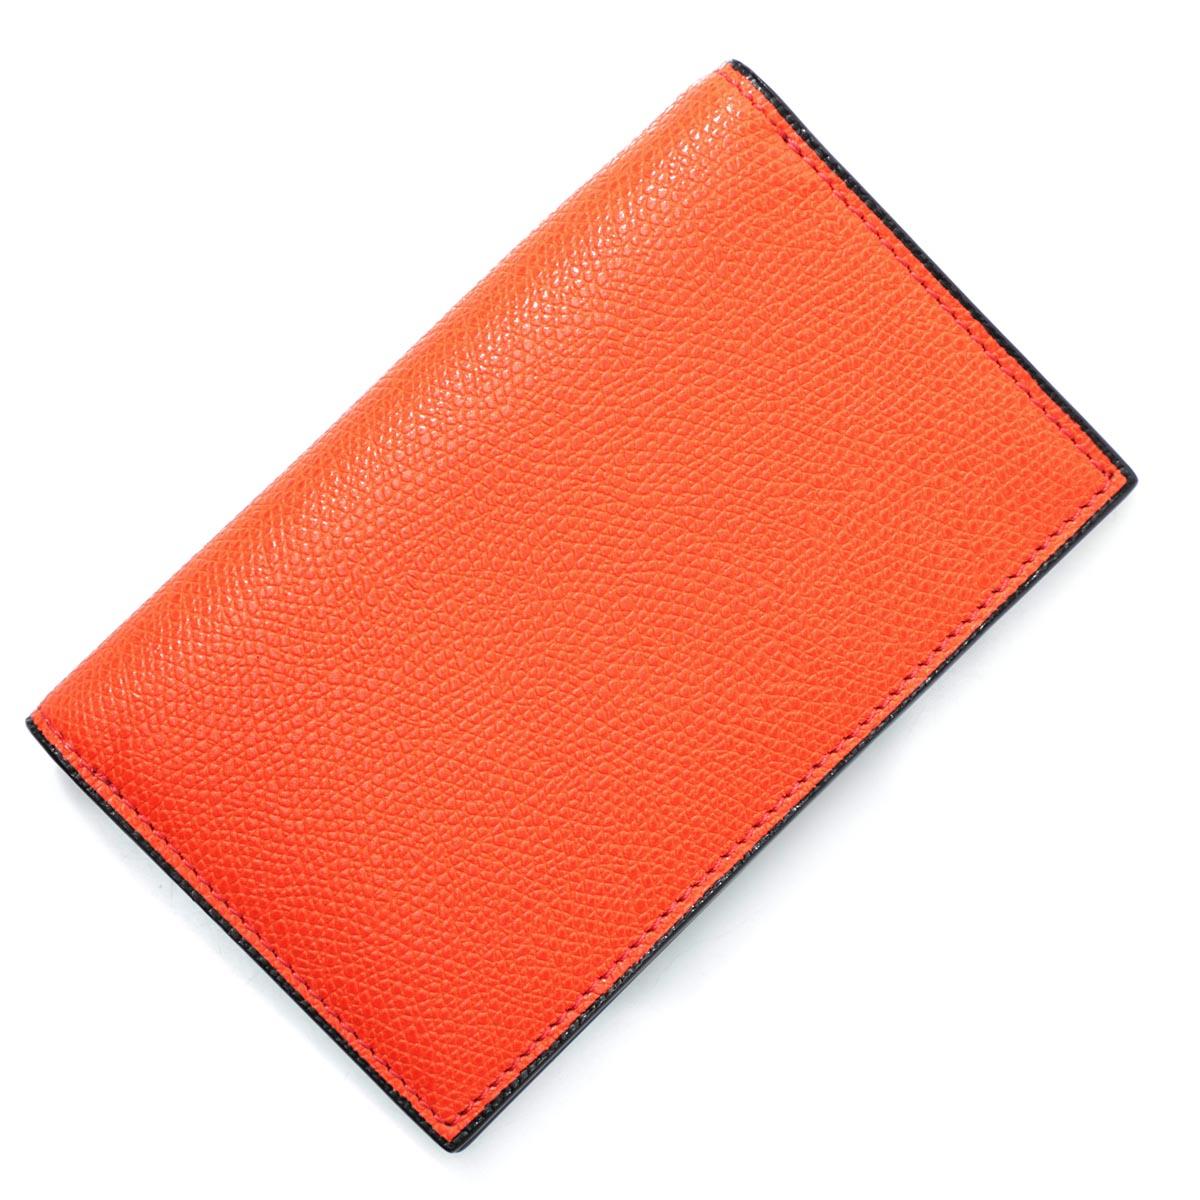 ヴァレクストラ Valextra キーケース カードケース オレンジ メンズ レディース ギフト プレゼント レザー v1l20 28 arn【_関東】【返品送料無料】【ラッピング無料】